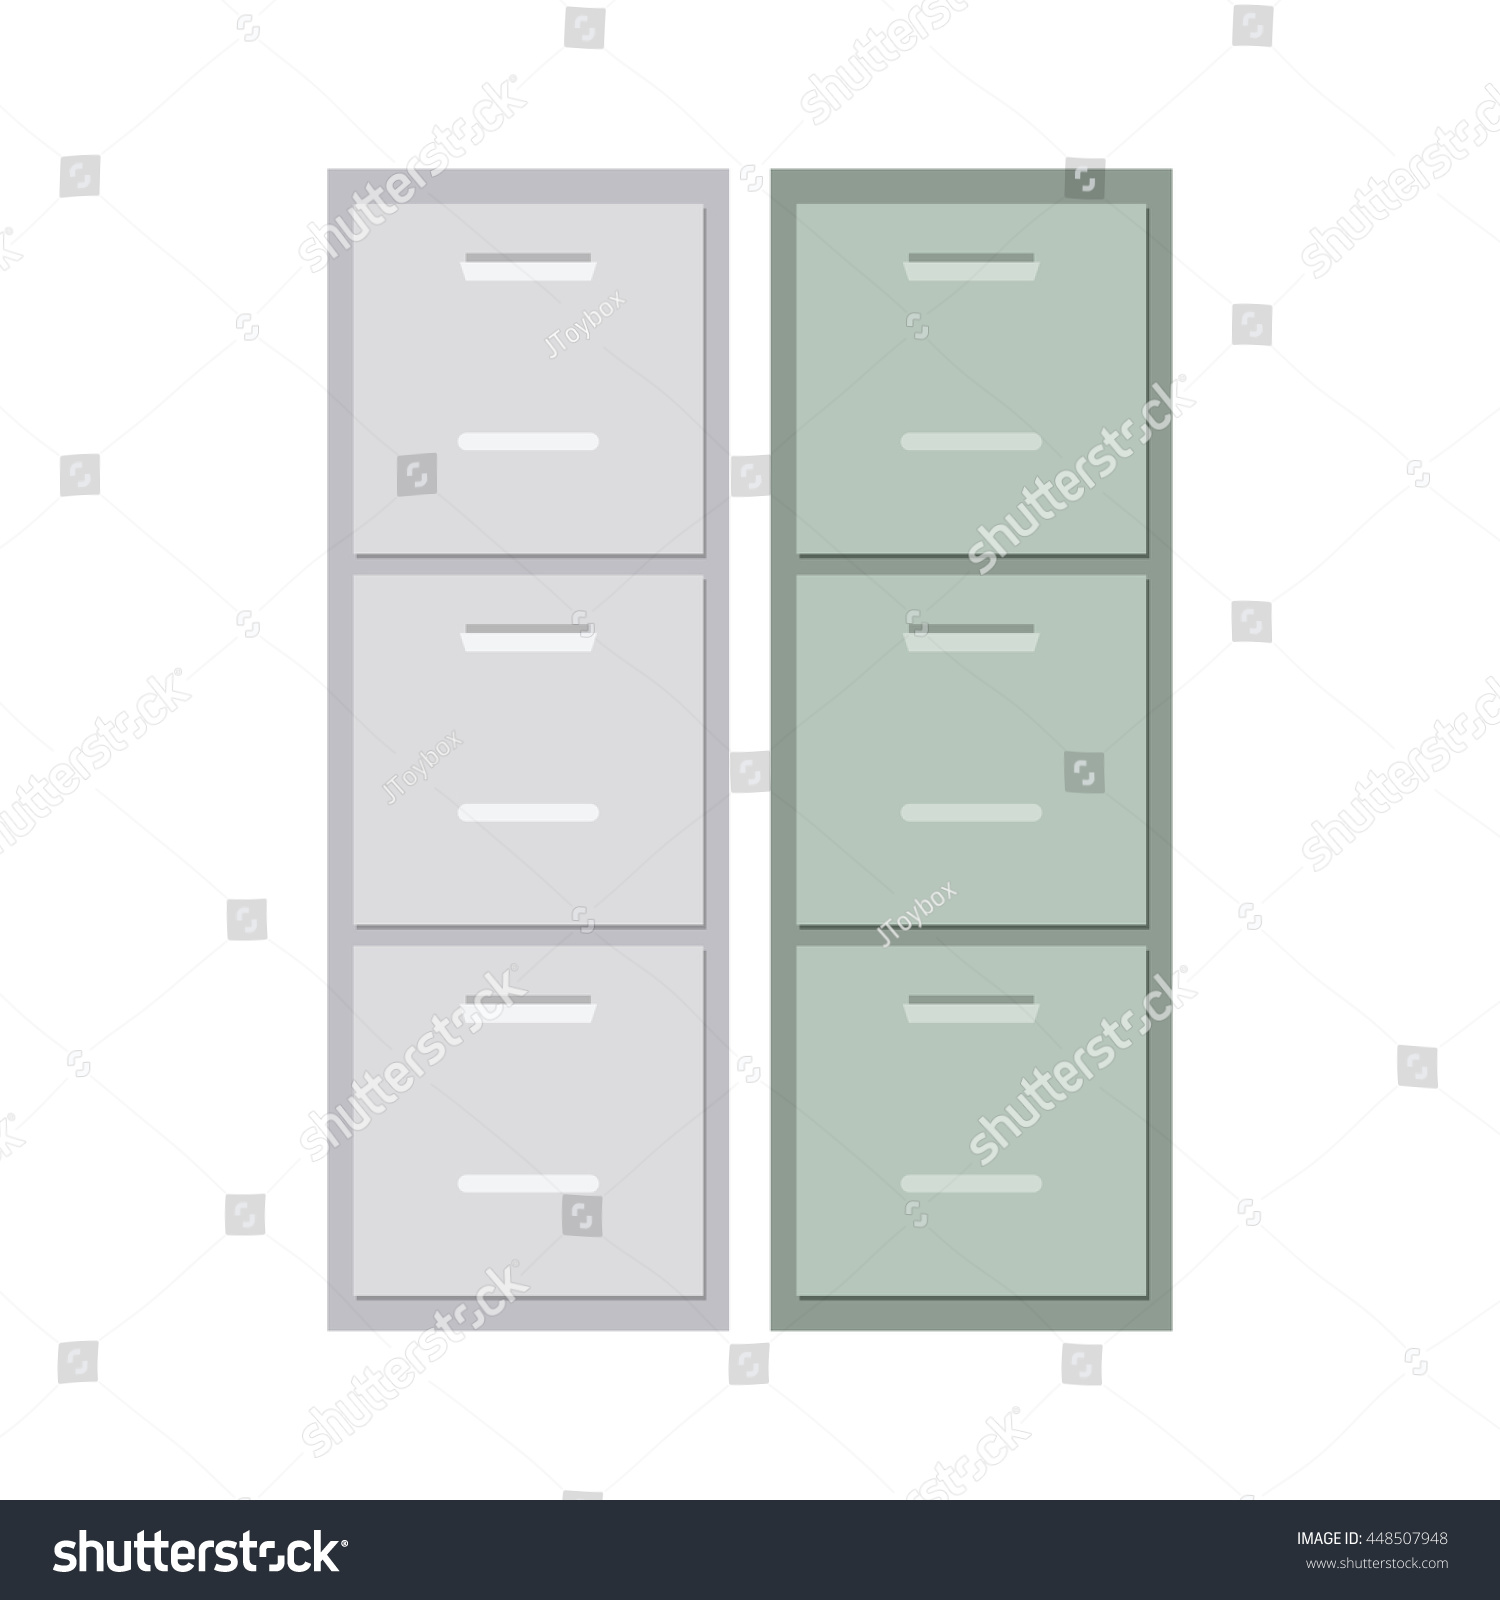 file cabinet icon mac. File Cabinet Icon Stock Vector 448507948 Shutterstock Mac